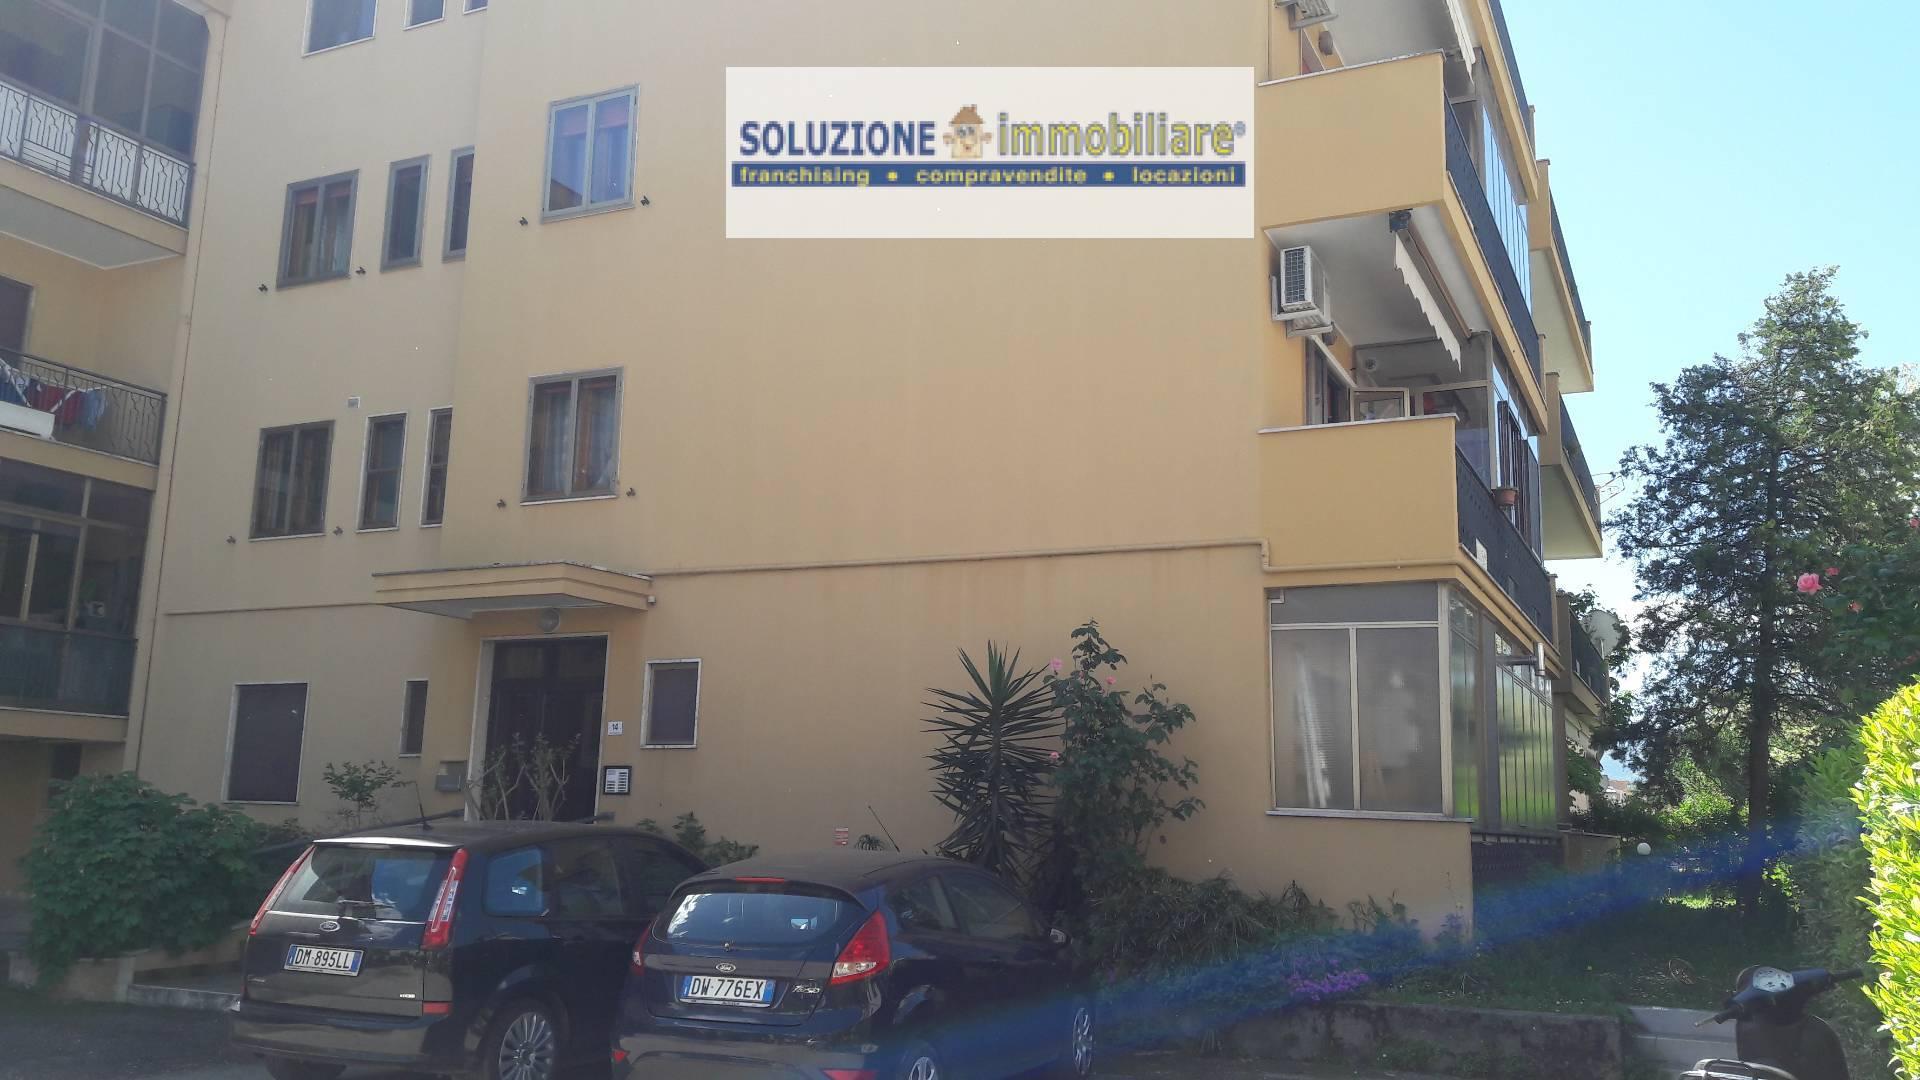 chieti vendita quart: chieti scalo stazione soluzione-immobiliare-s.r.l.